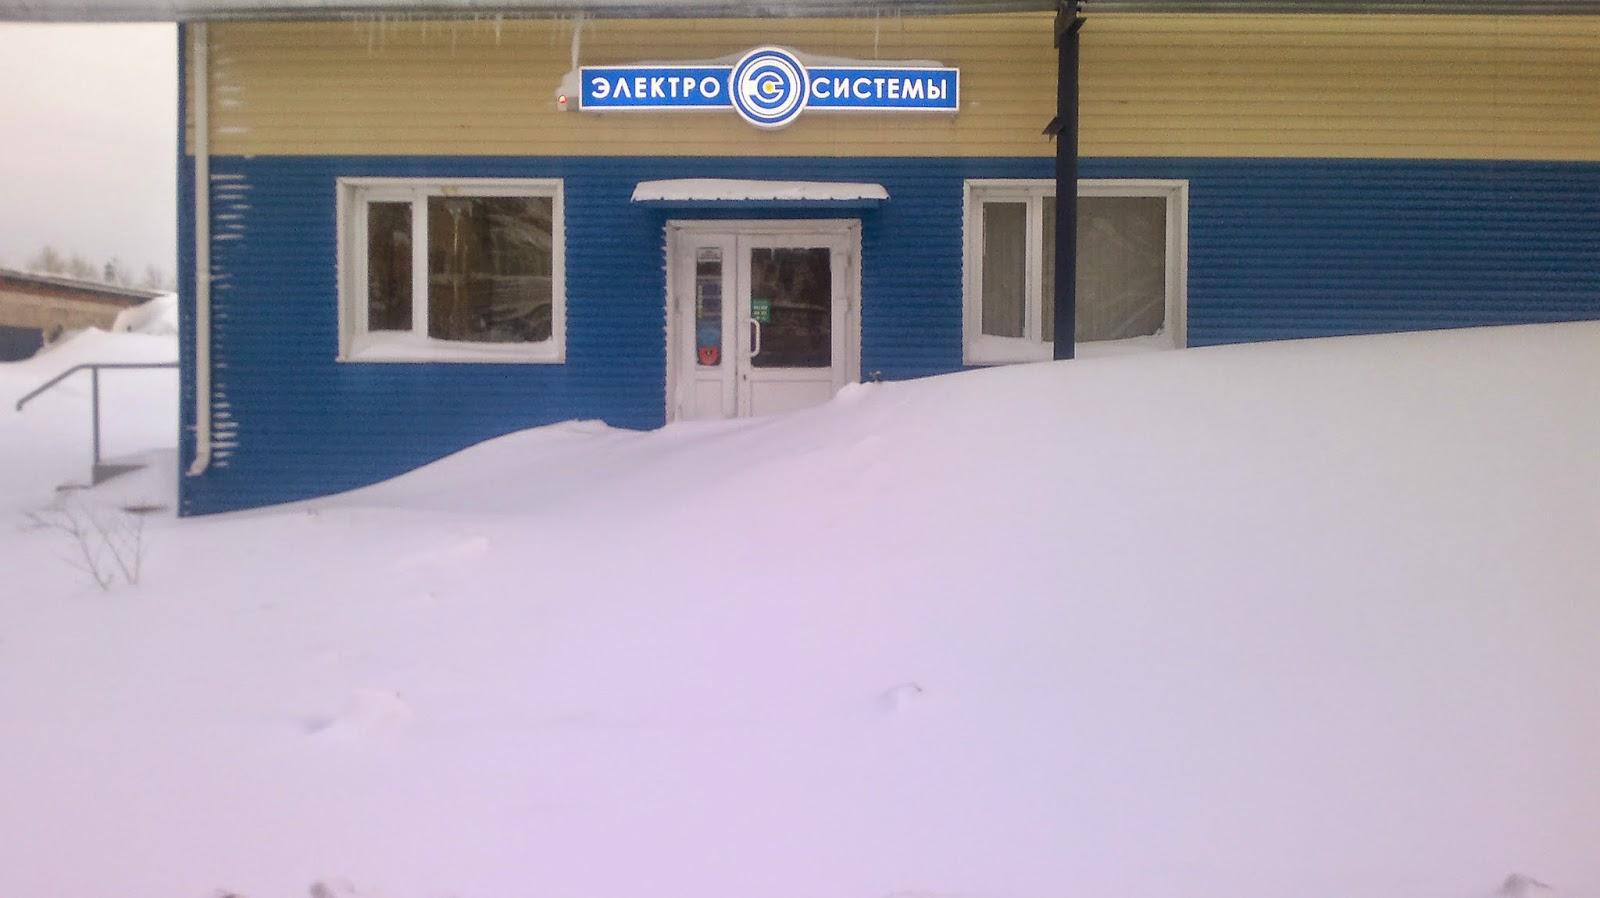 Электросистемы в снегу